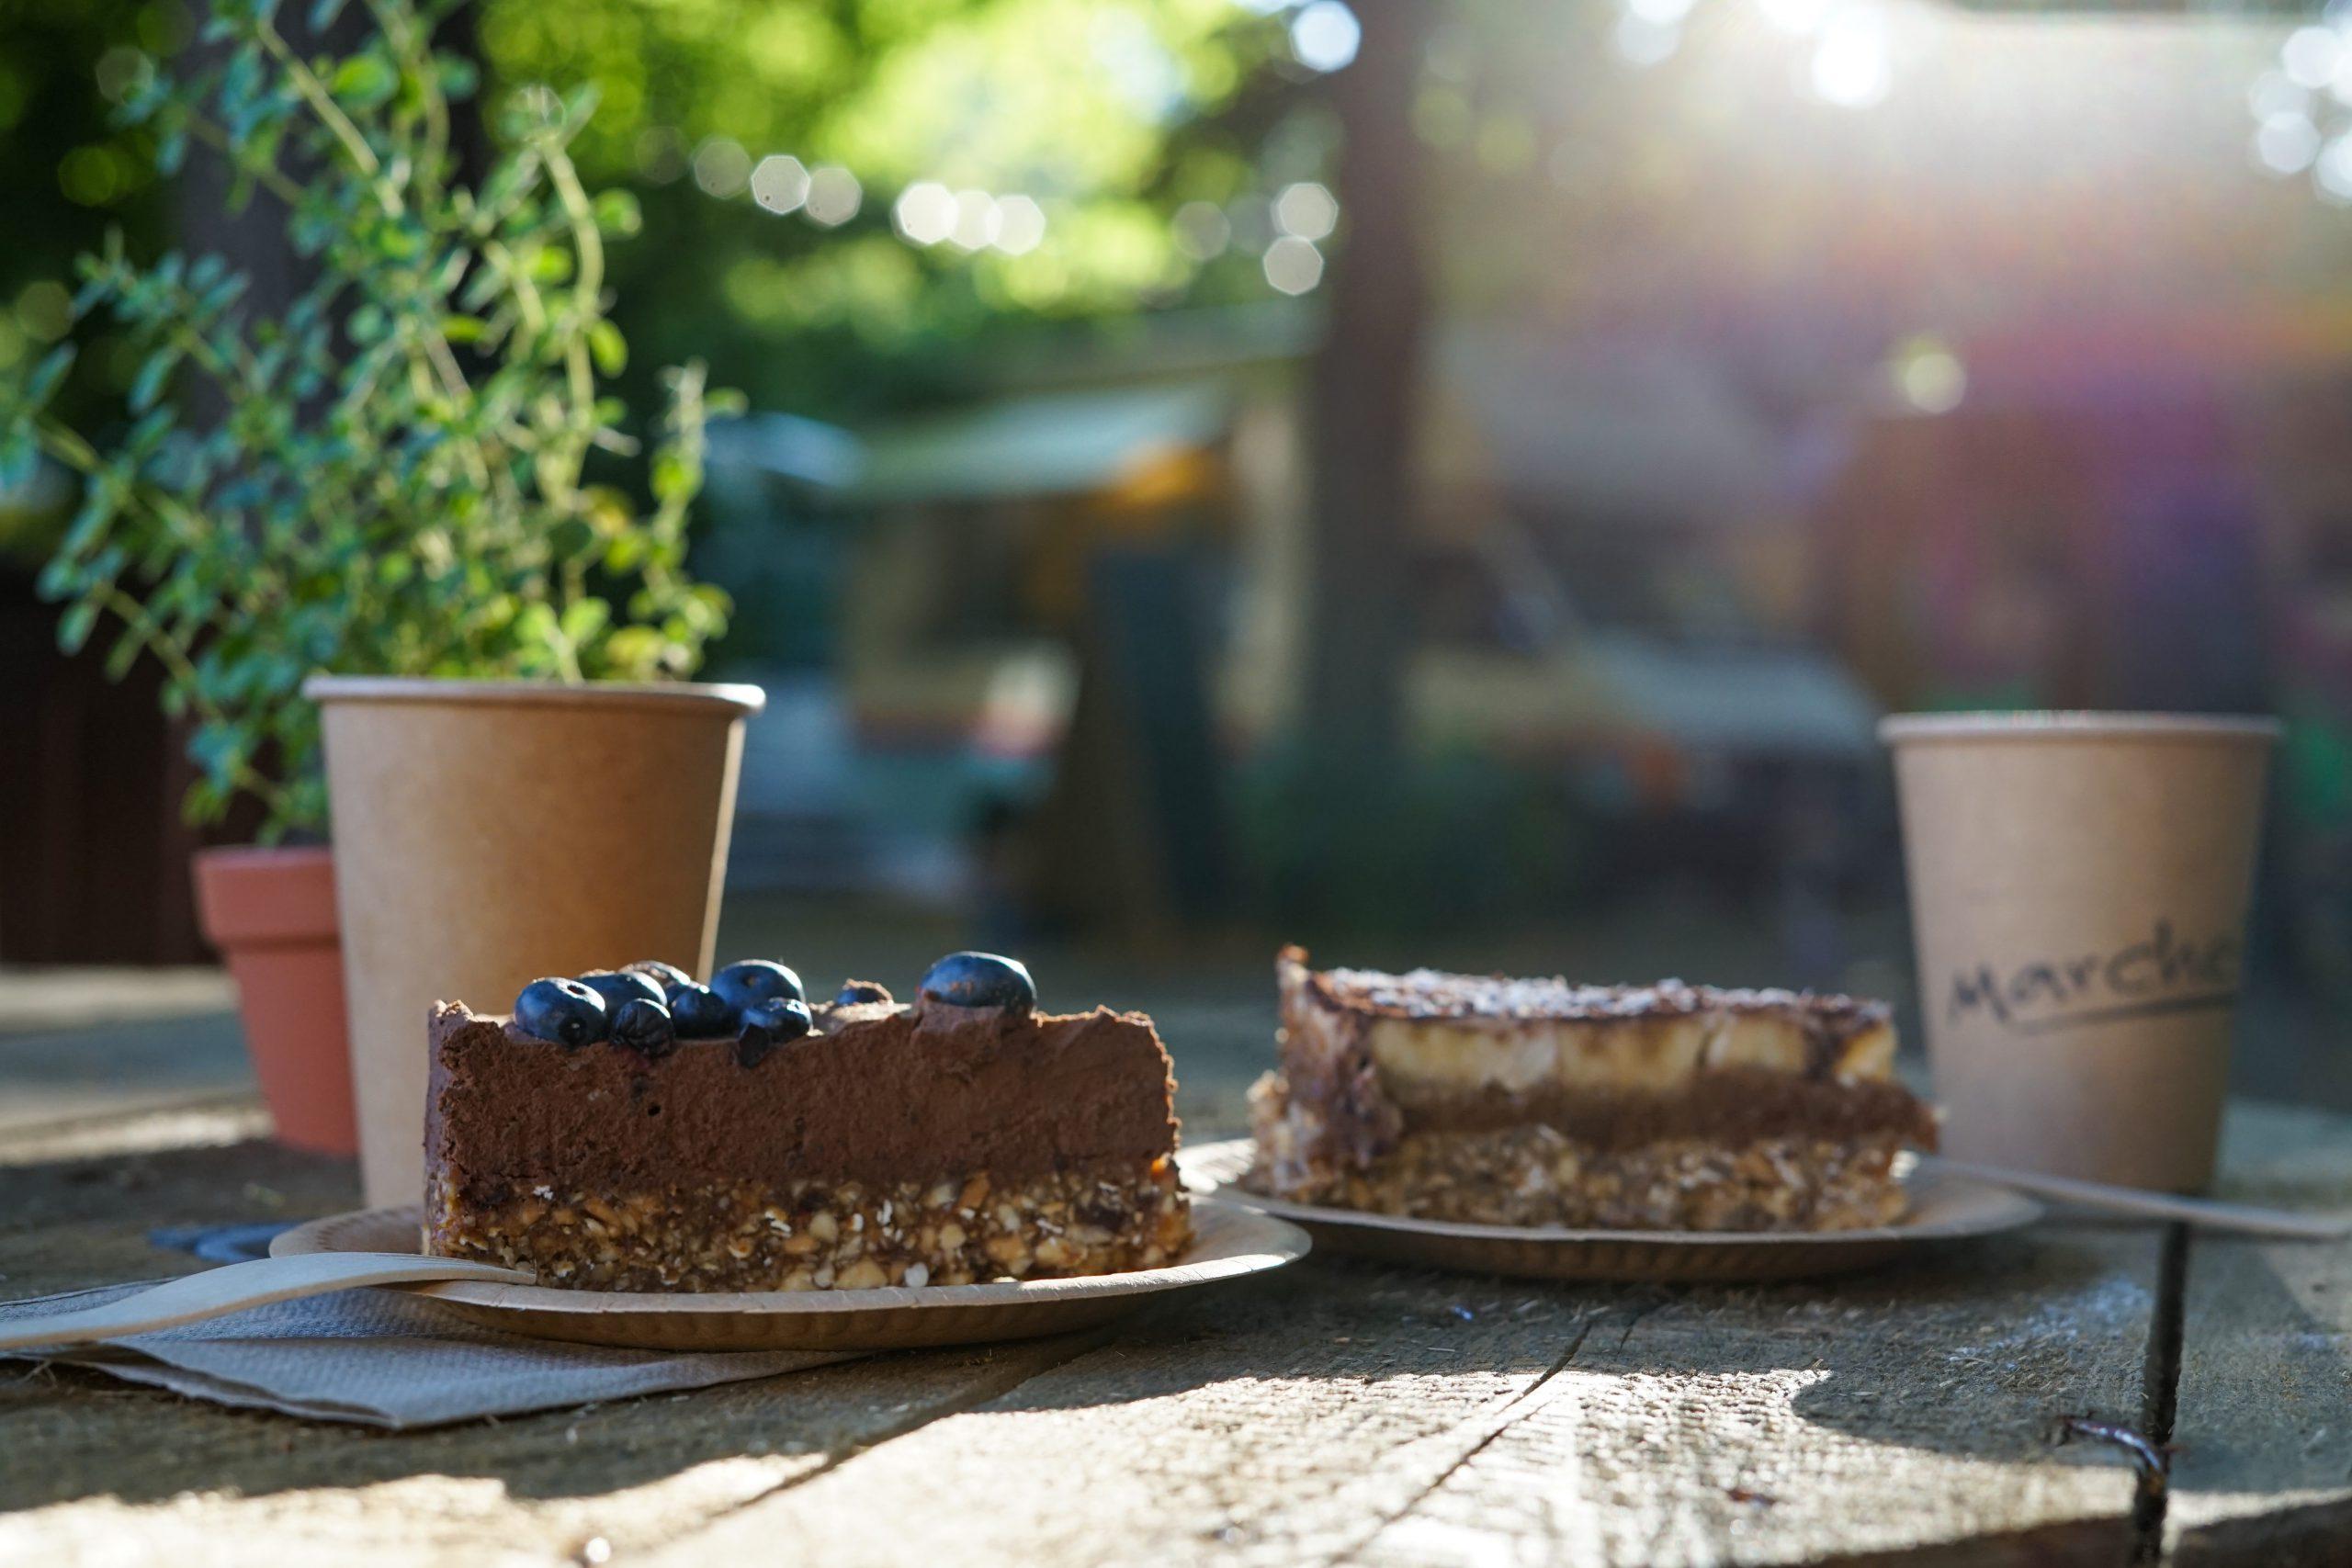 Bezglutenowe ciasto, tarta czekoladowa, kawa, ekologiczne opakowania